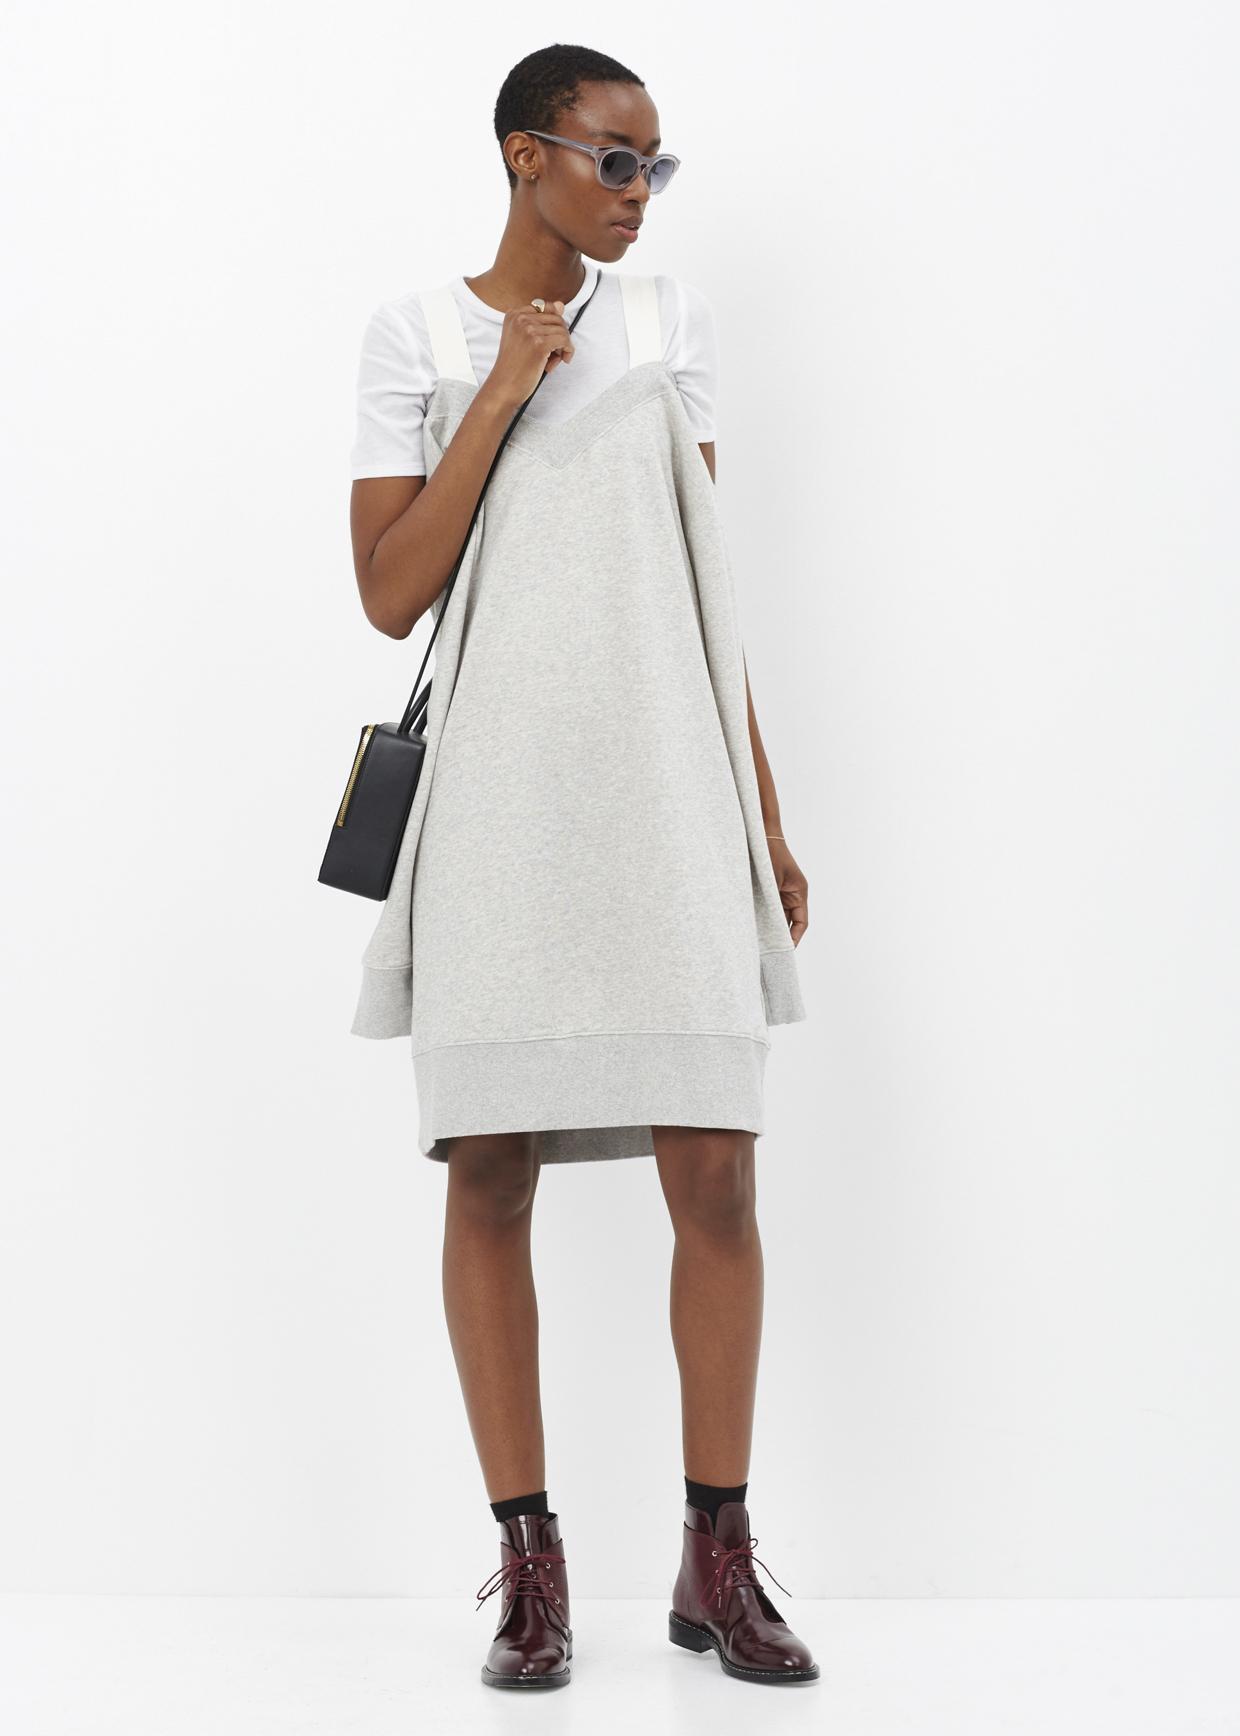 Womens Liquid Satin Convertible Dress Maison Martin Margiela nZI7ZHVd